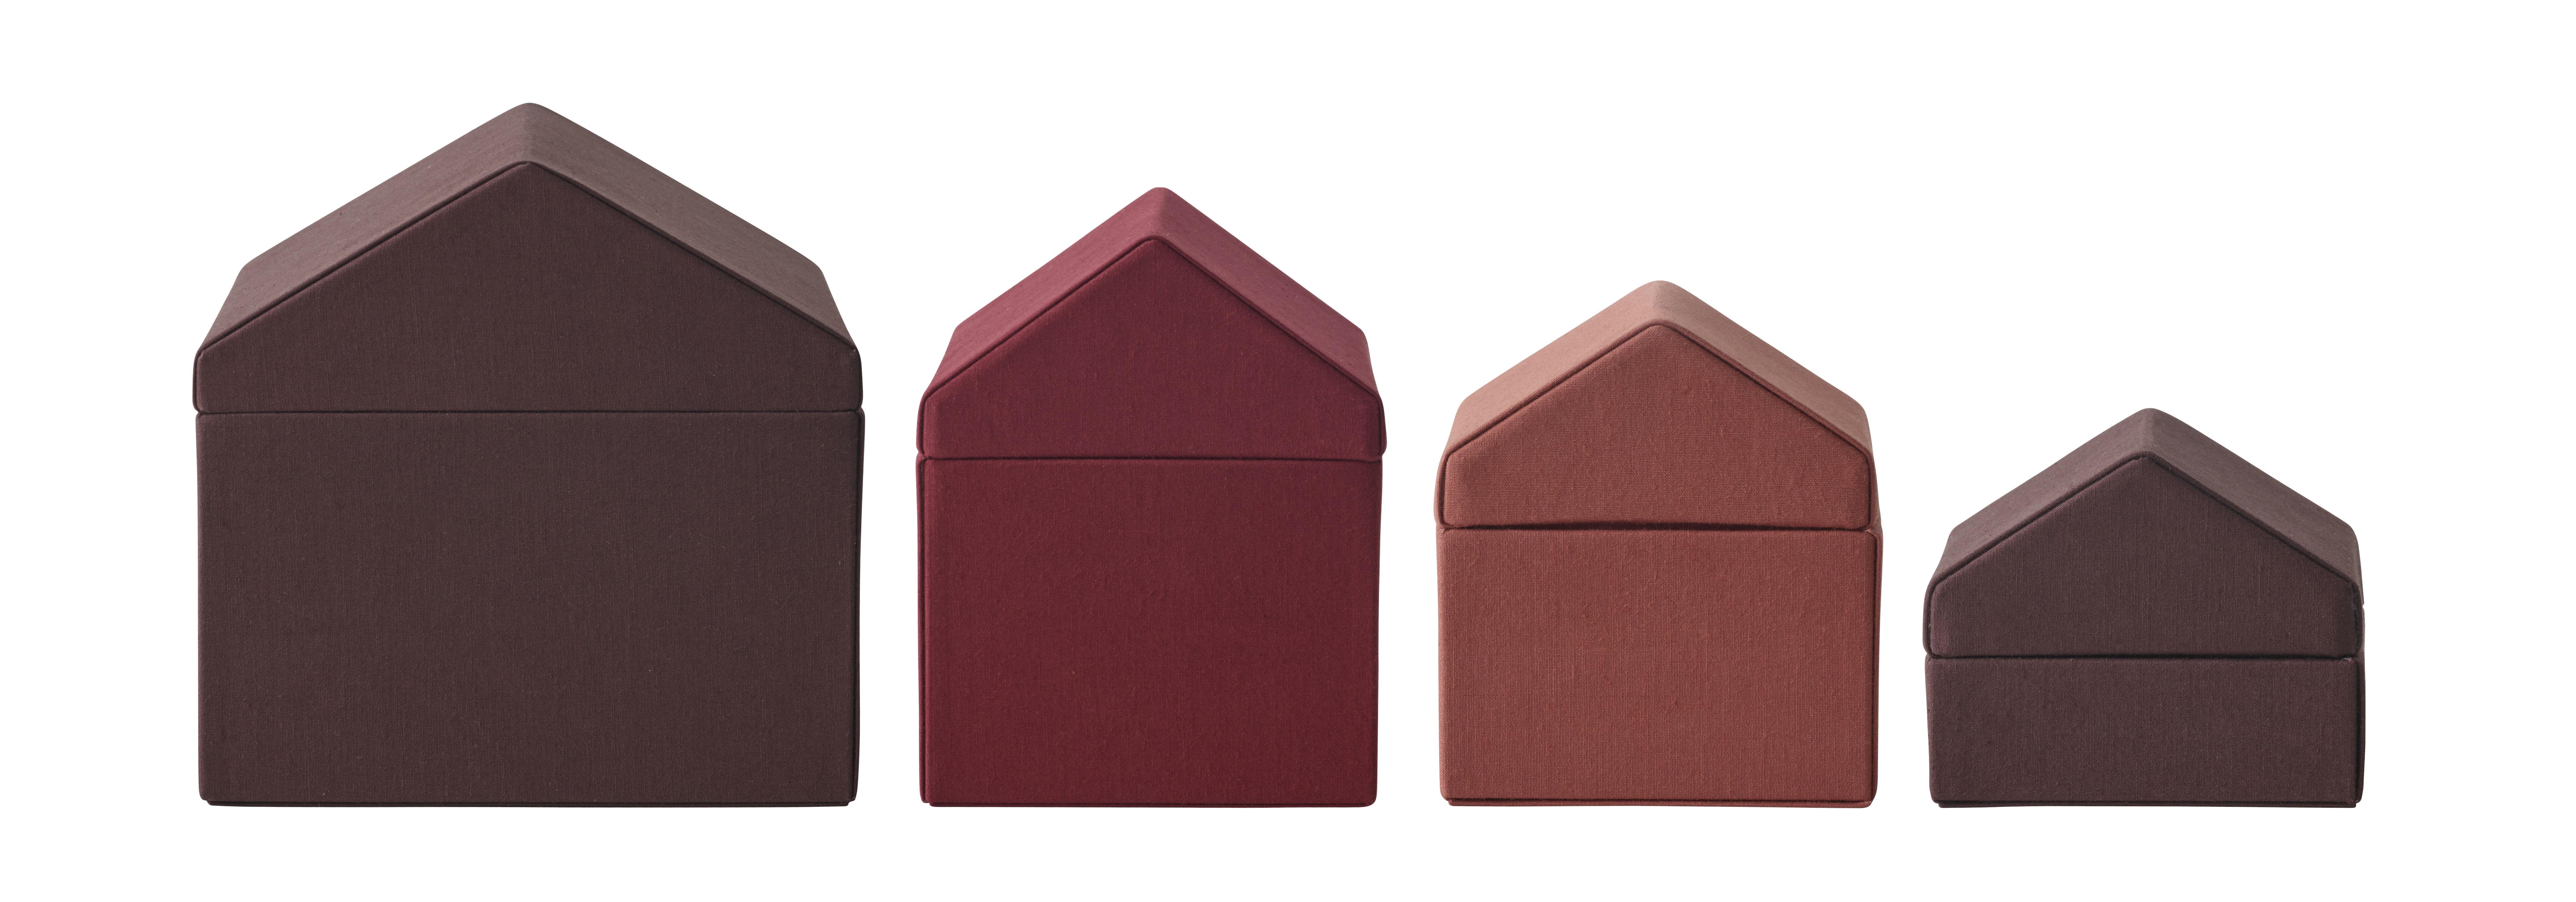 Déco - Boîtes déco - Boîte Traditional Houses / Set de 4 - Tissu - Fait main au Népal - Menu - Rouge - Carton, Coton